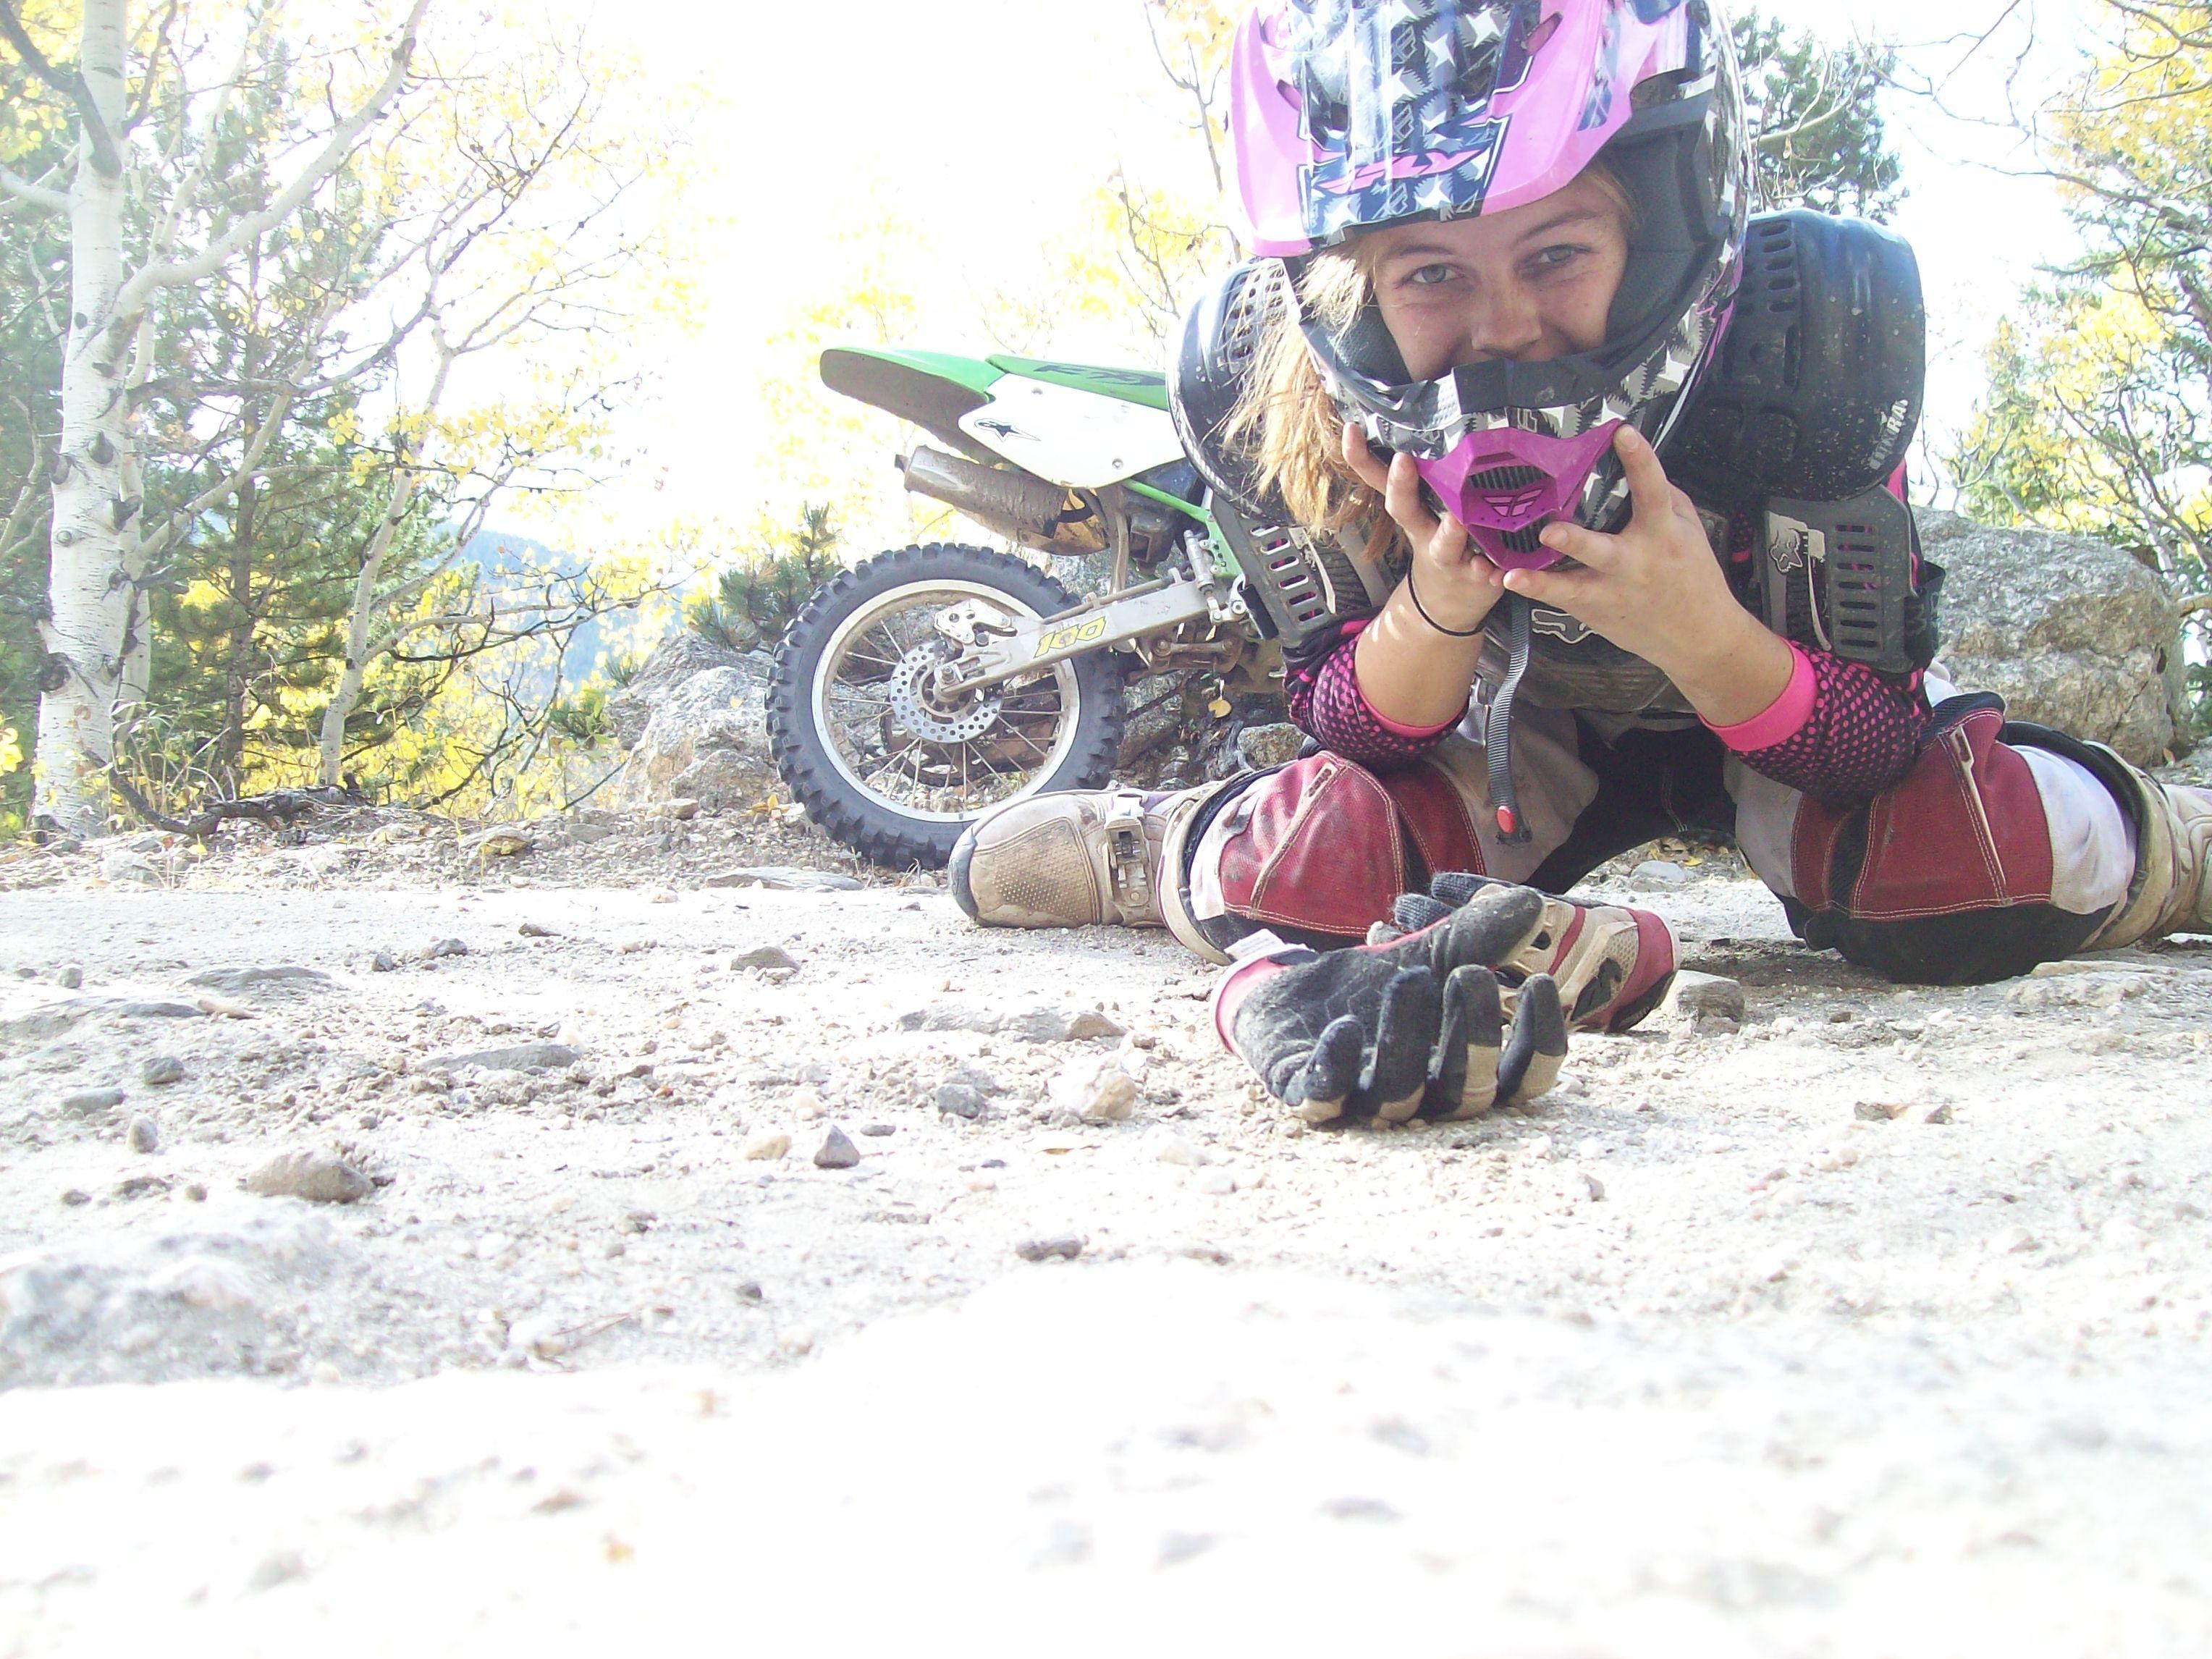 Pin by Paul Porter on Motos   Motocross girls, Dirt bike